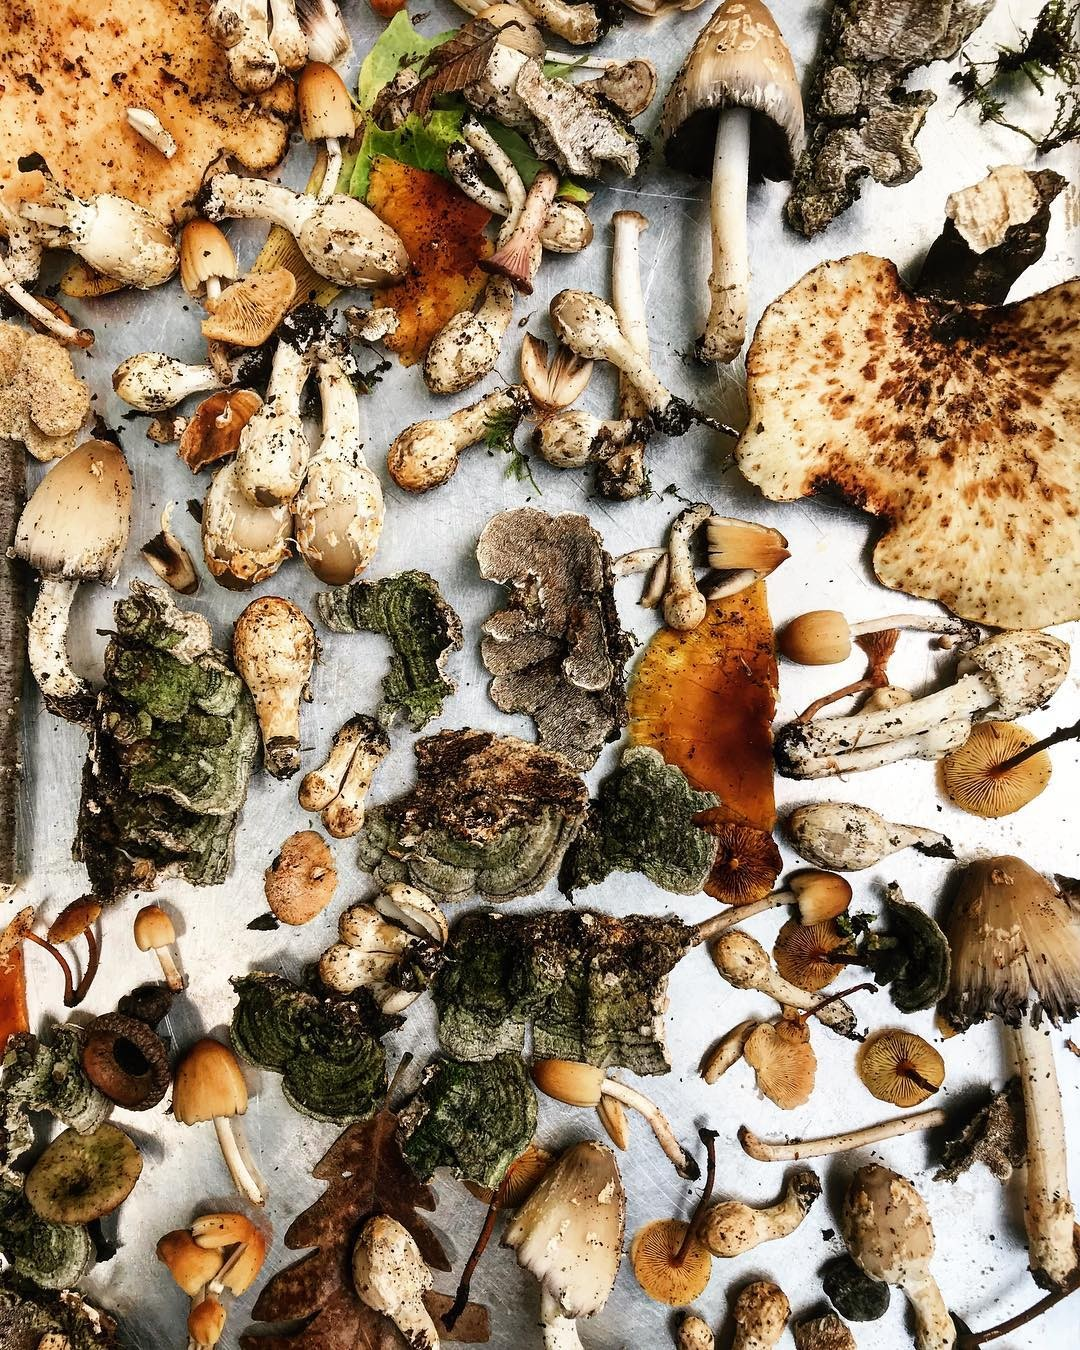 Cogumelos crus são um dos principais ingredientes no livro de Johnna Holmgren (Foto: Reprodução/FoxMeetBear)